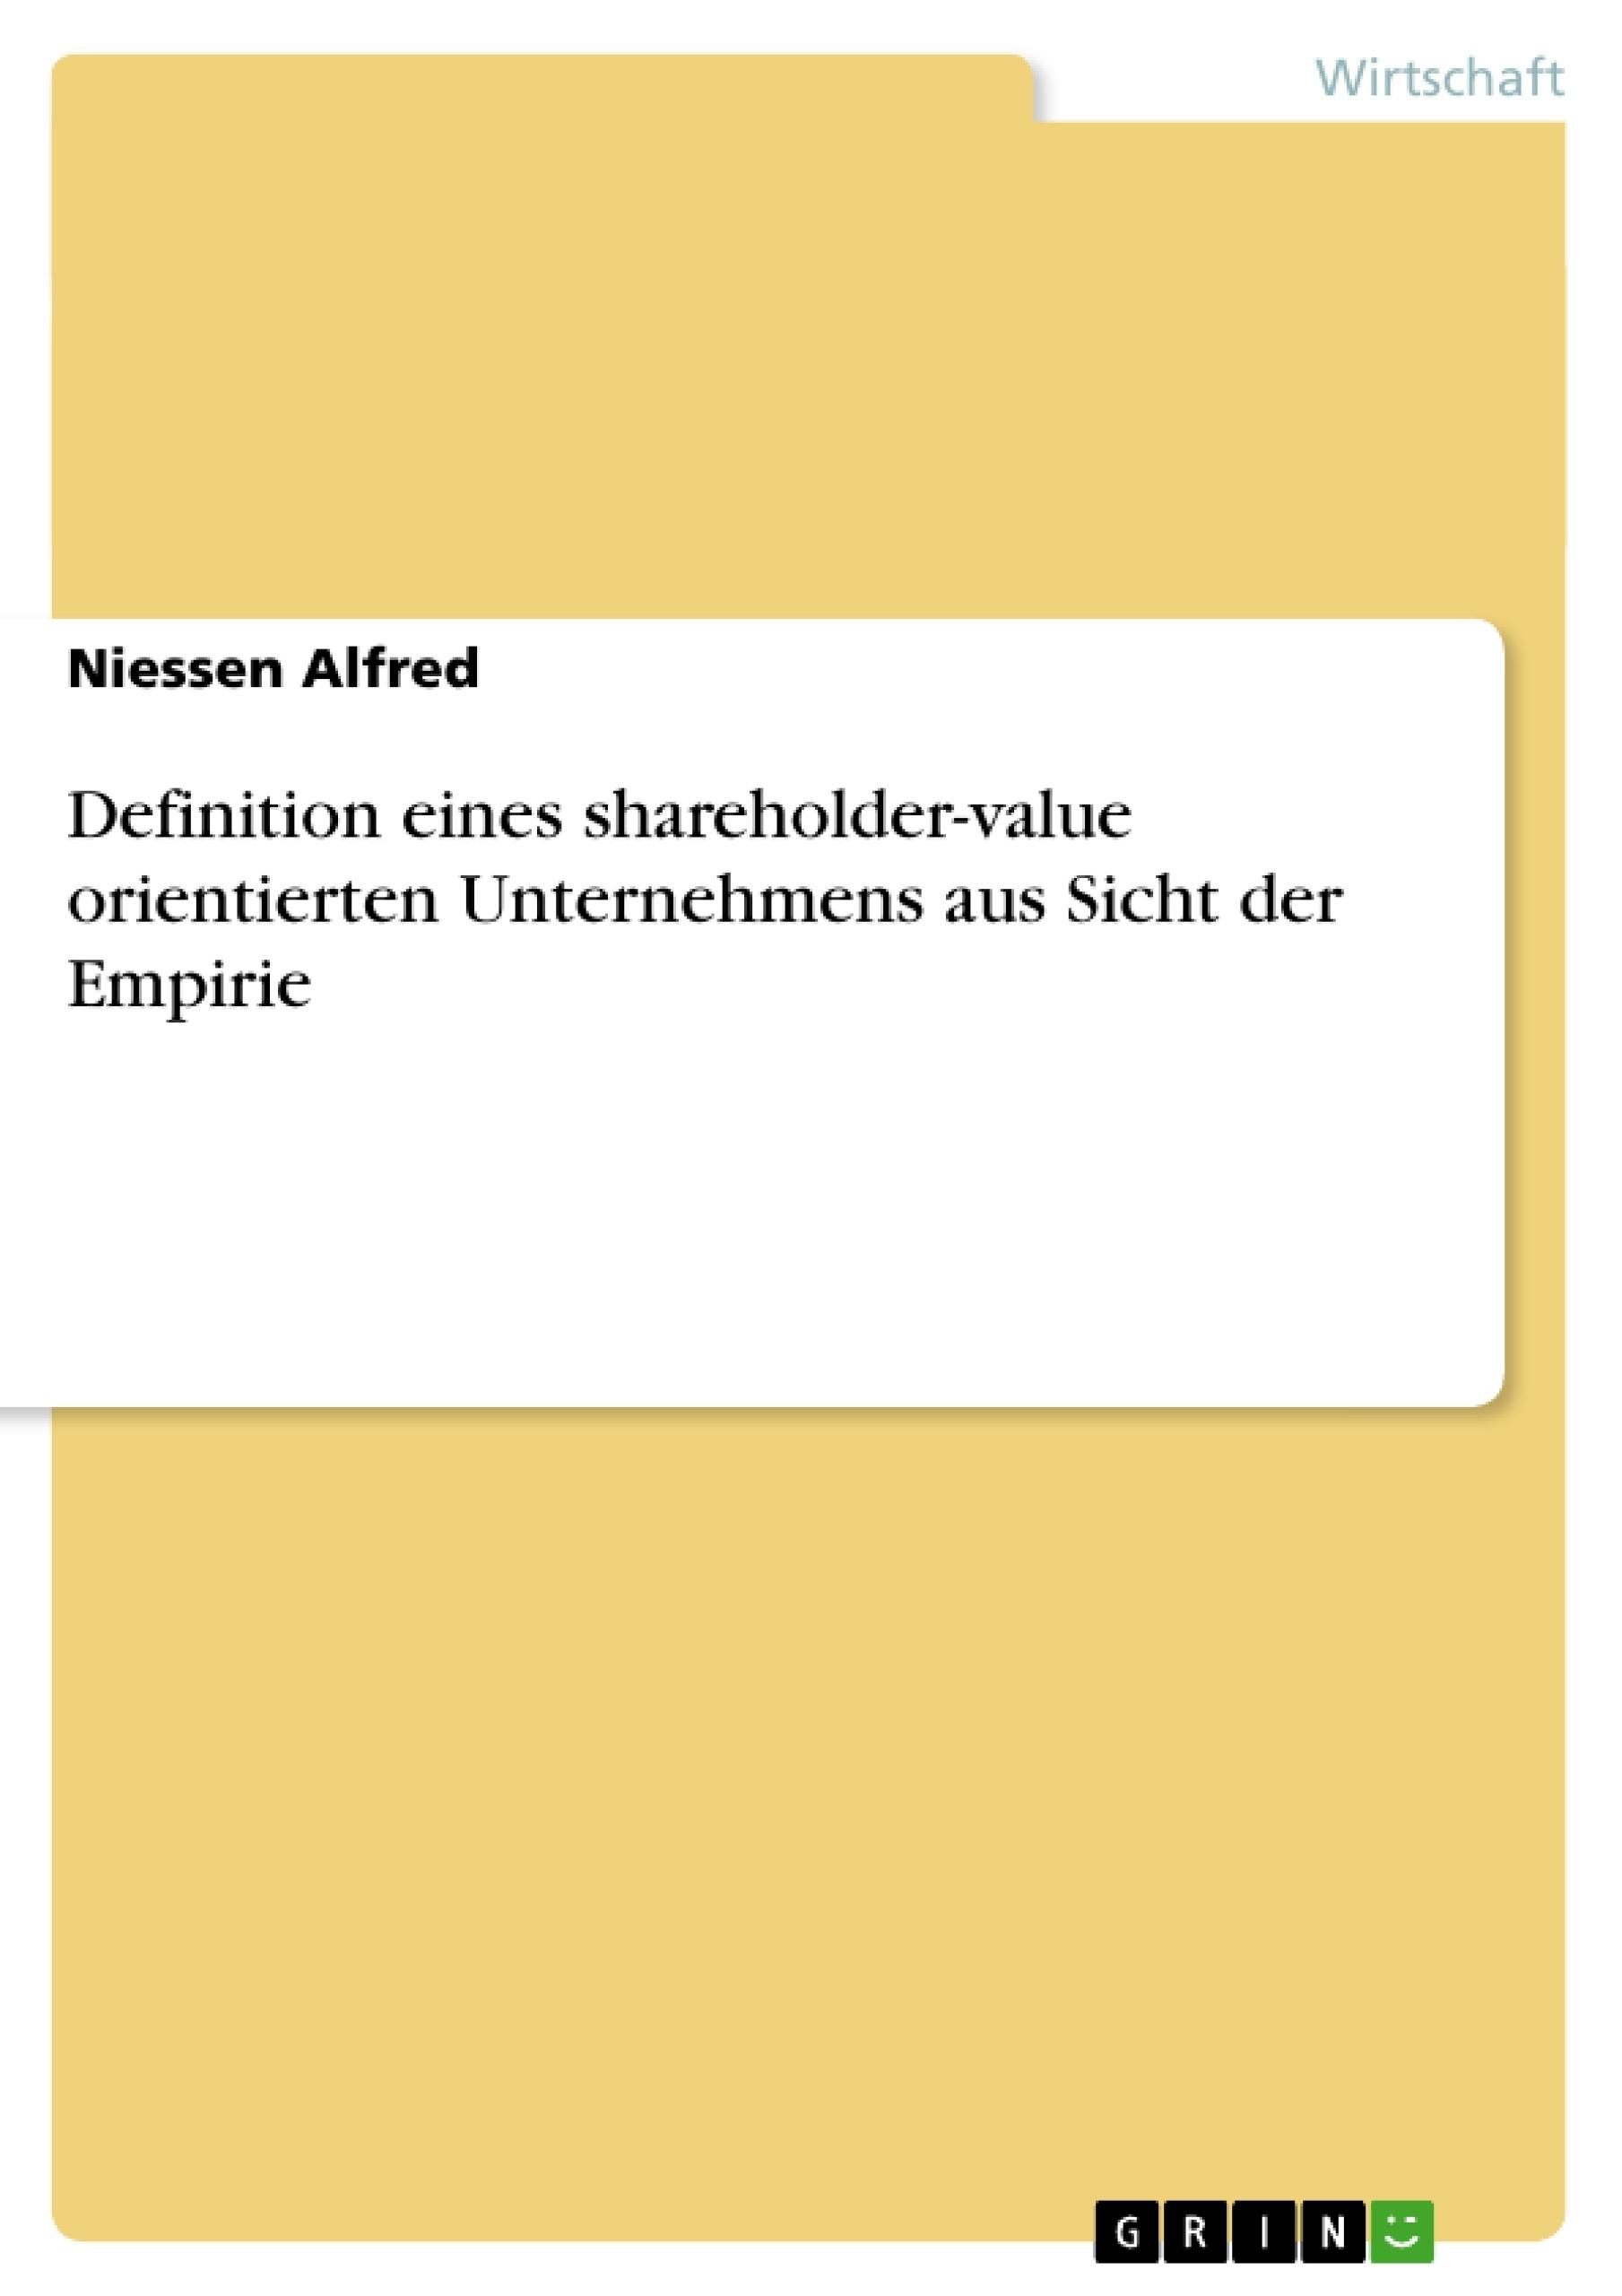 Titel: Definition eines shareholder-value orientierten Unternehmens aus Sicht der Empirie